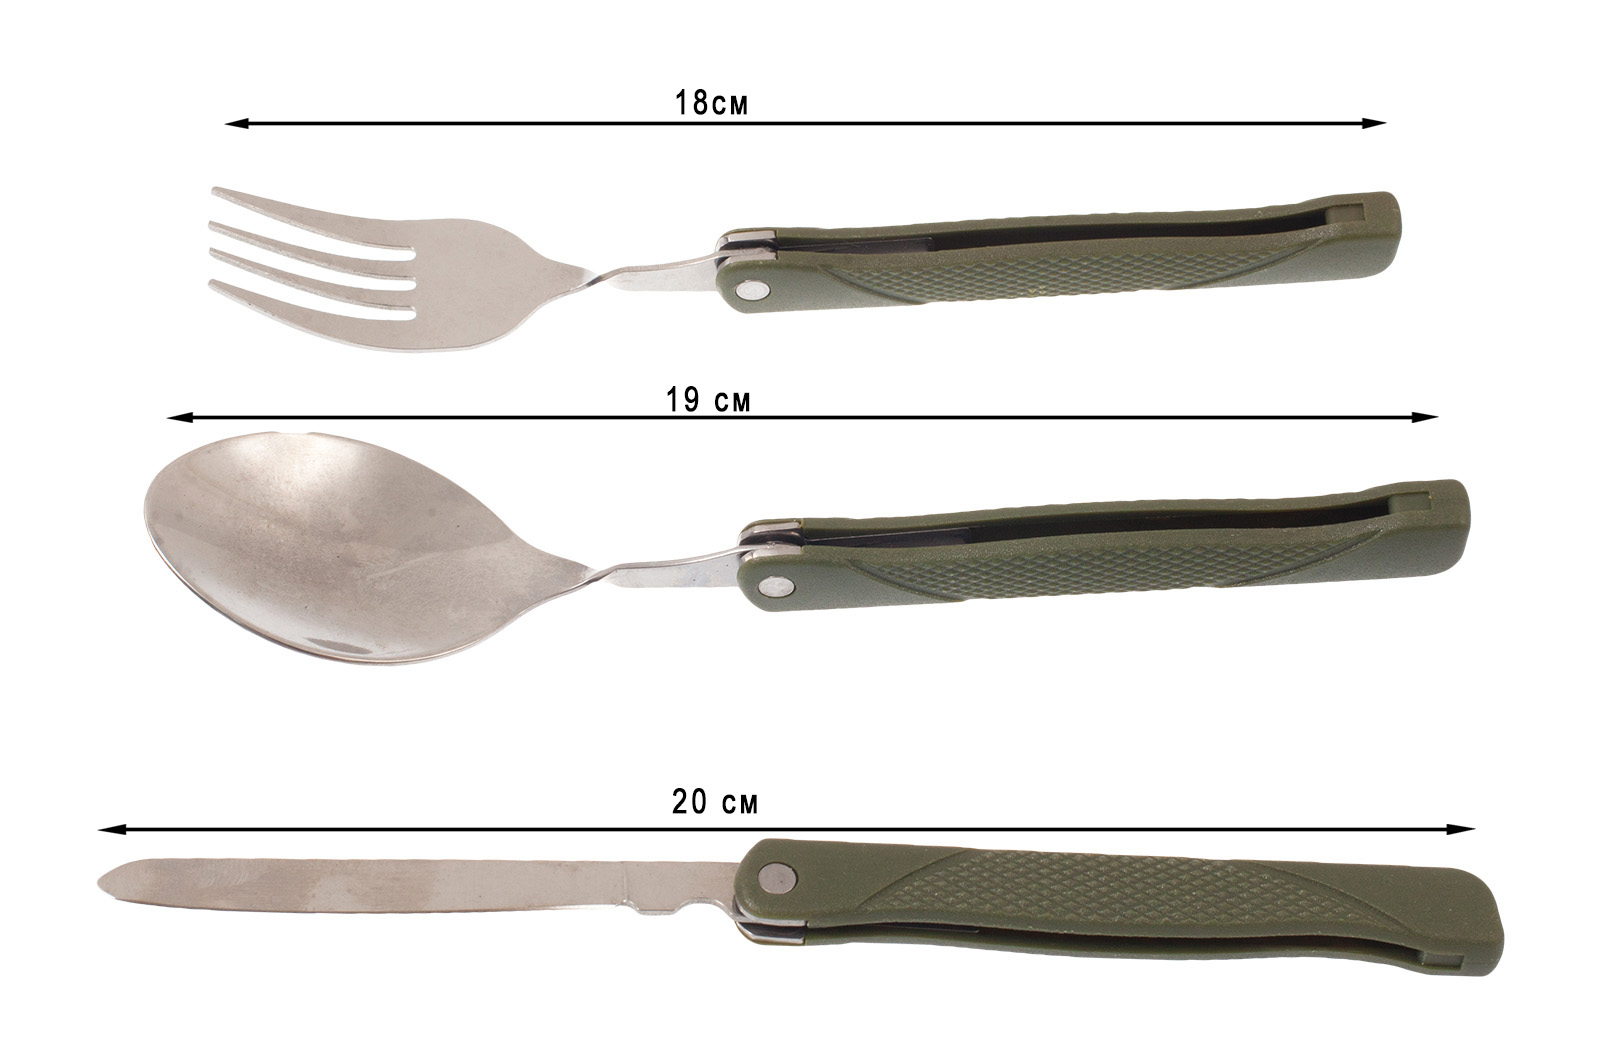 Купить походный набор вилка-ложка-нож по выгодной цене в Военпро